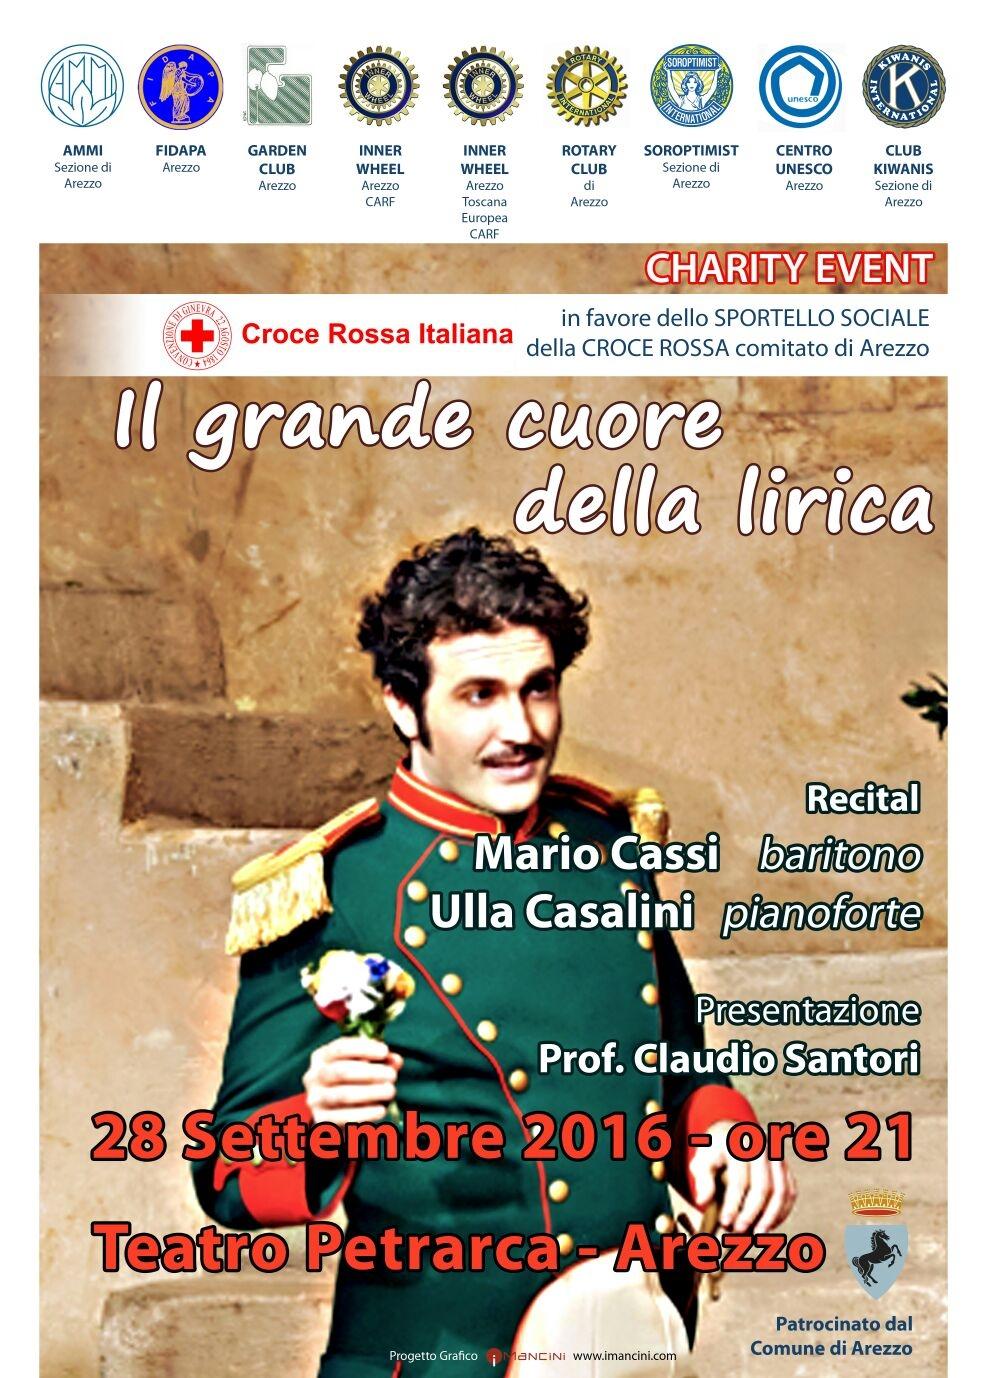 Raccolta fondi per Sportello Sociale CRI Arezzo